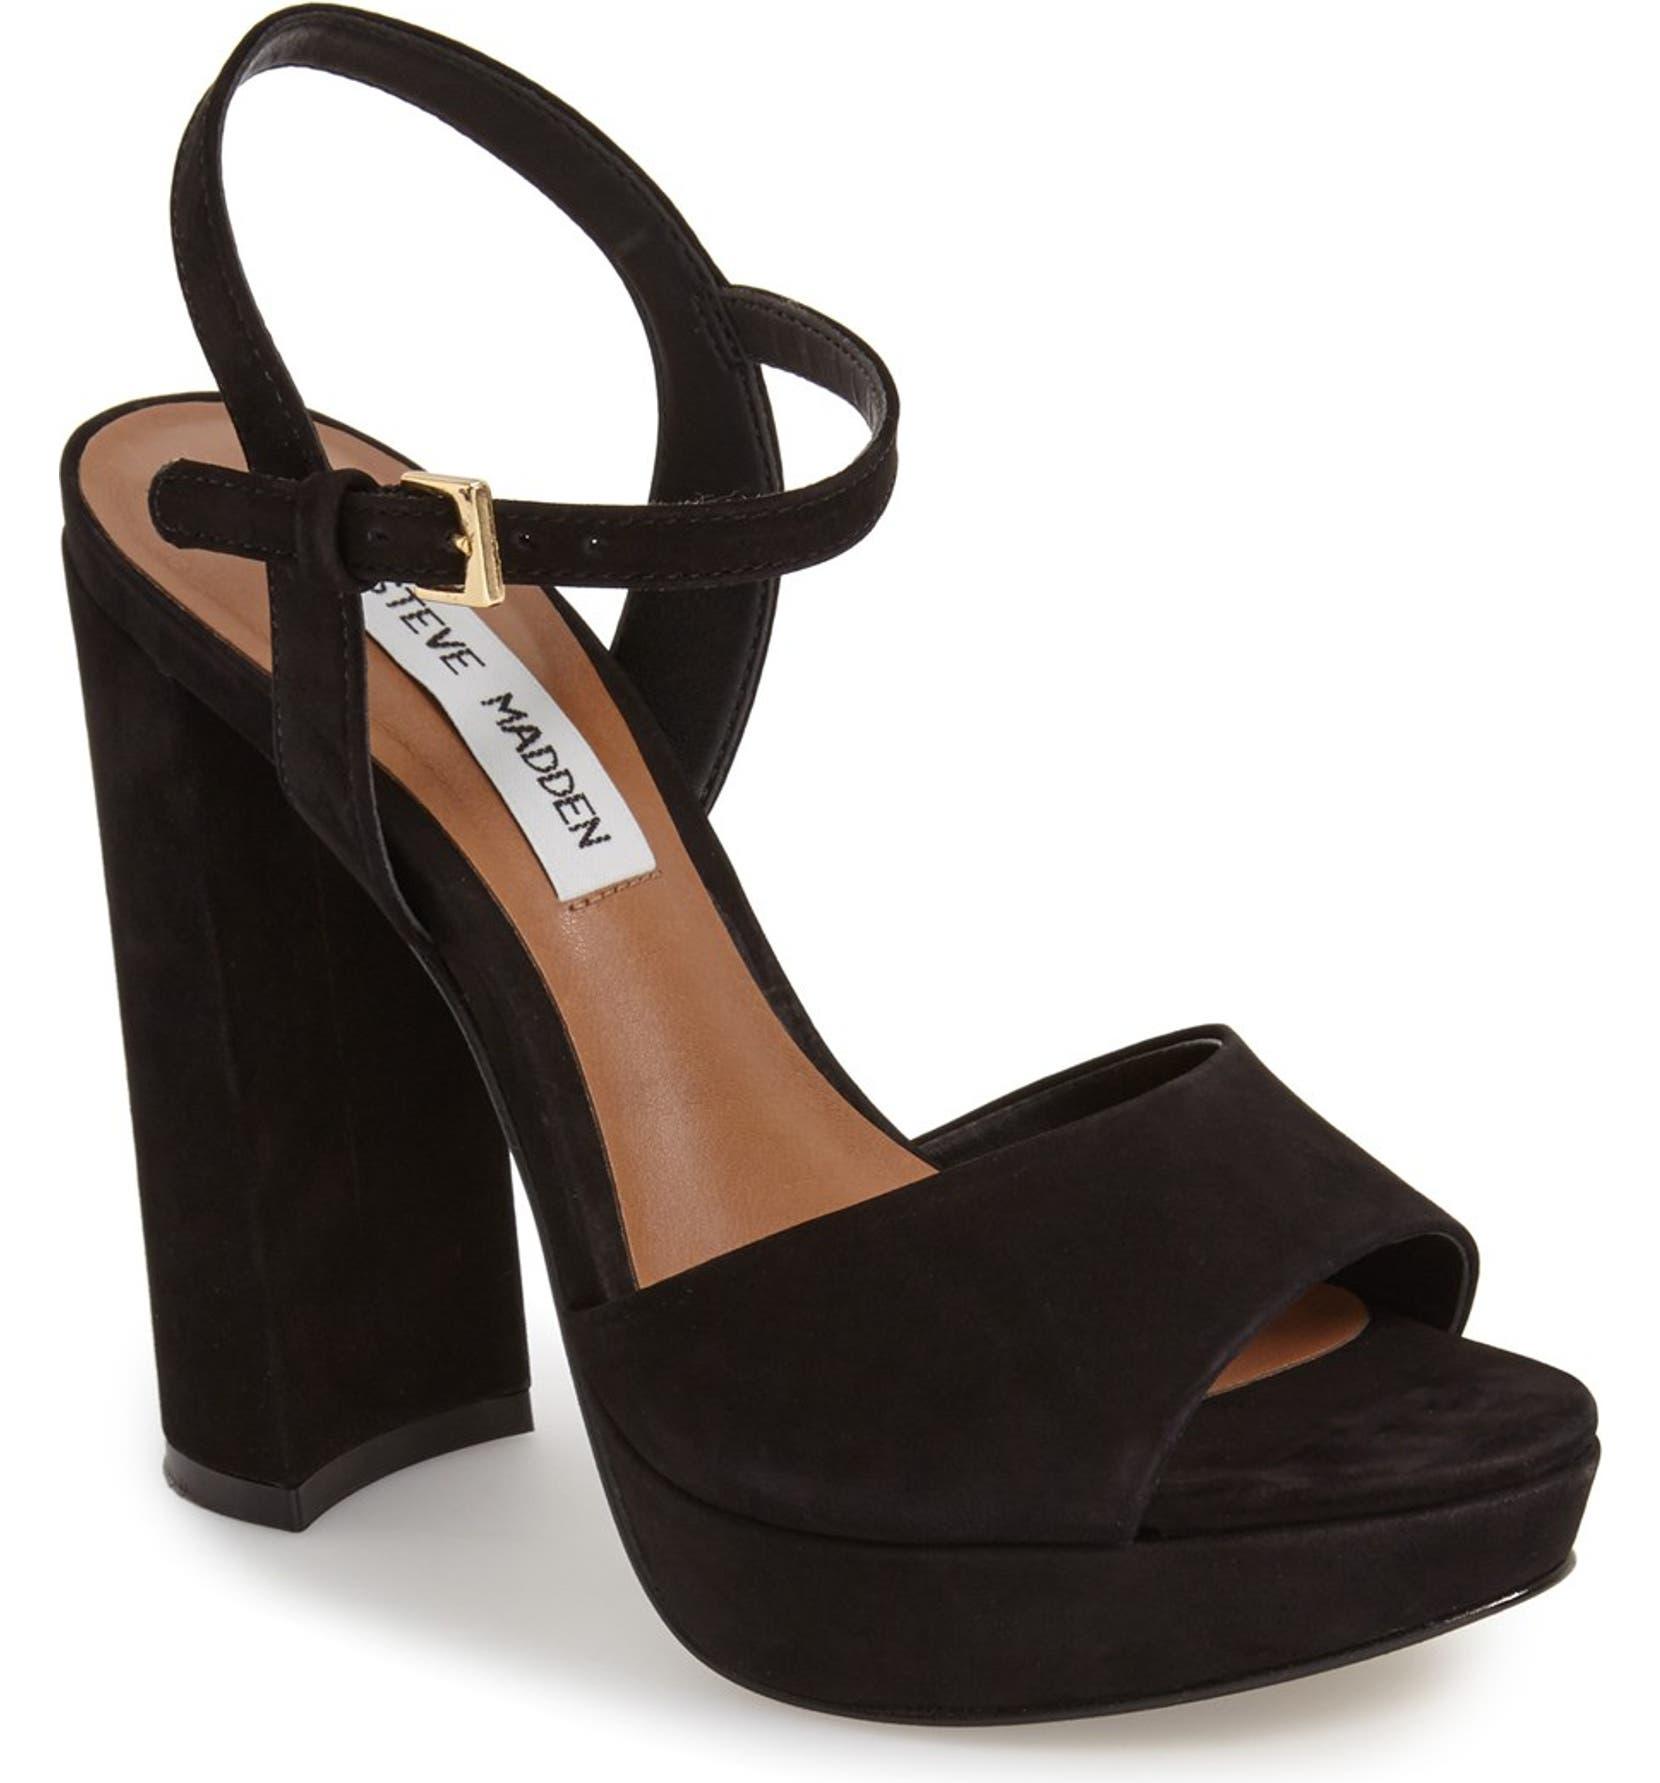 25c7e5356c84 Steve Madden  Kierra  Platform Sandal (Women)